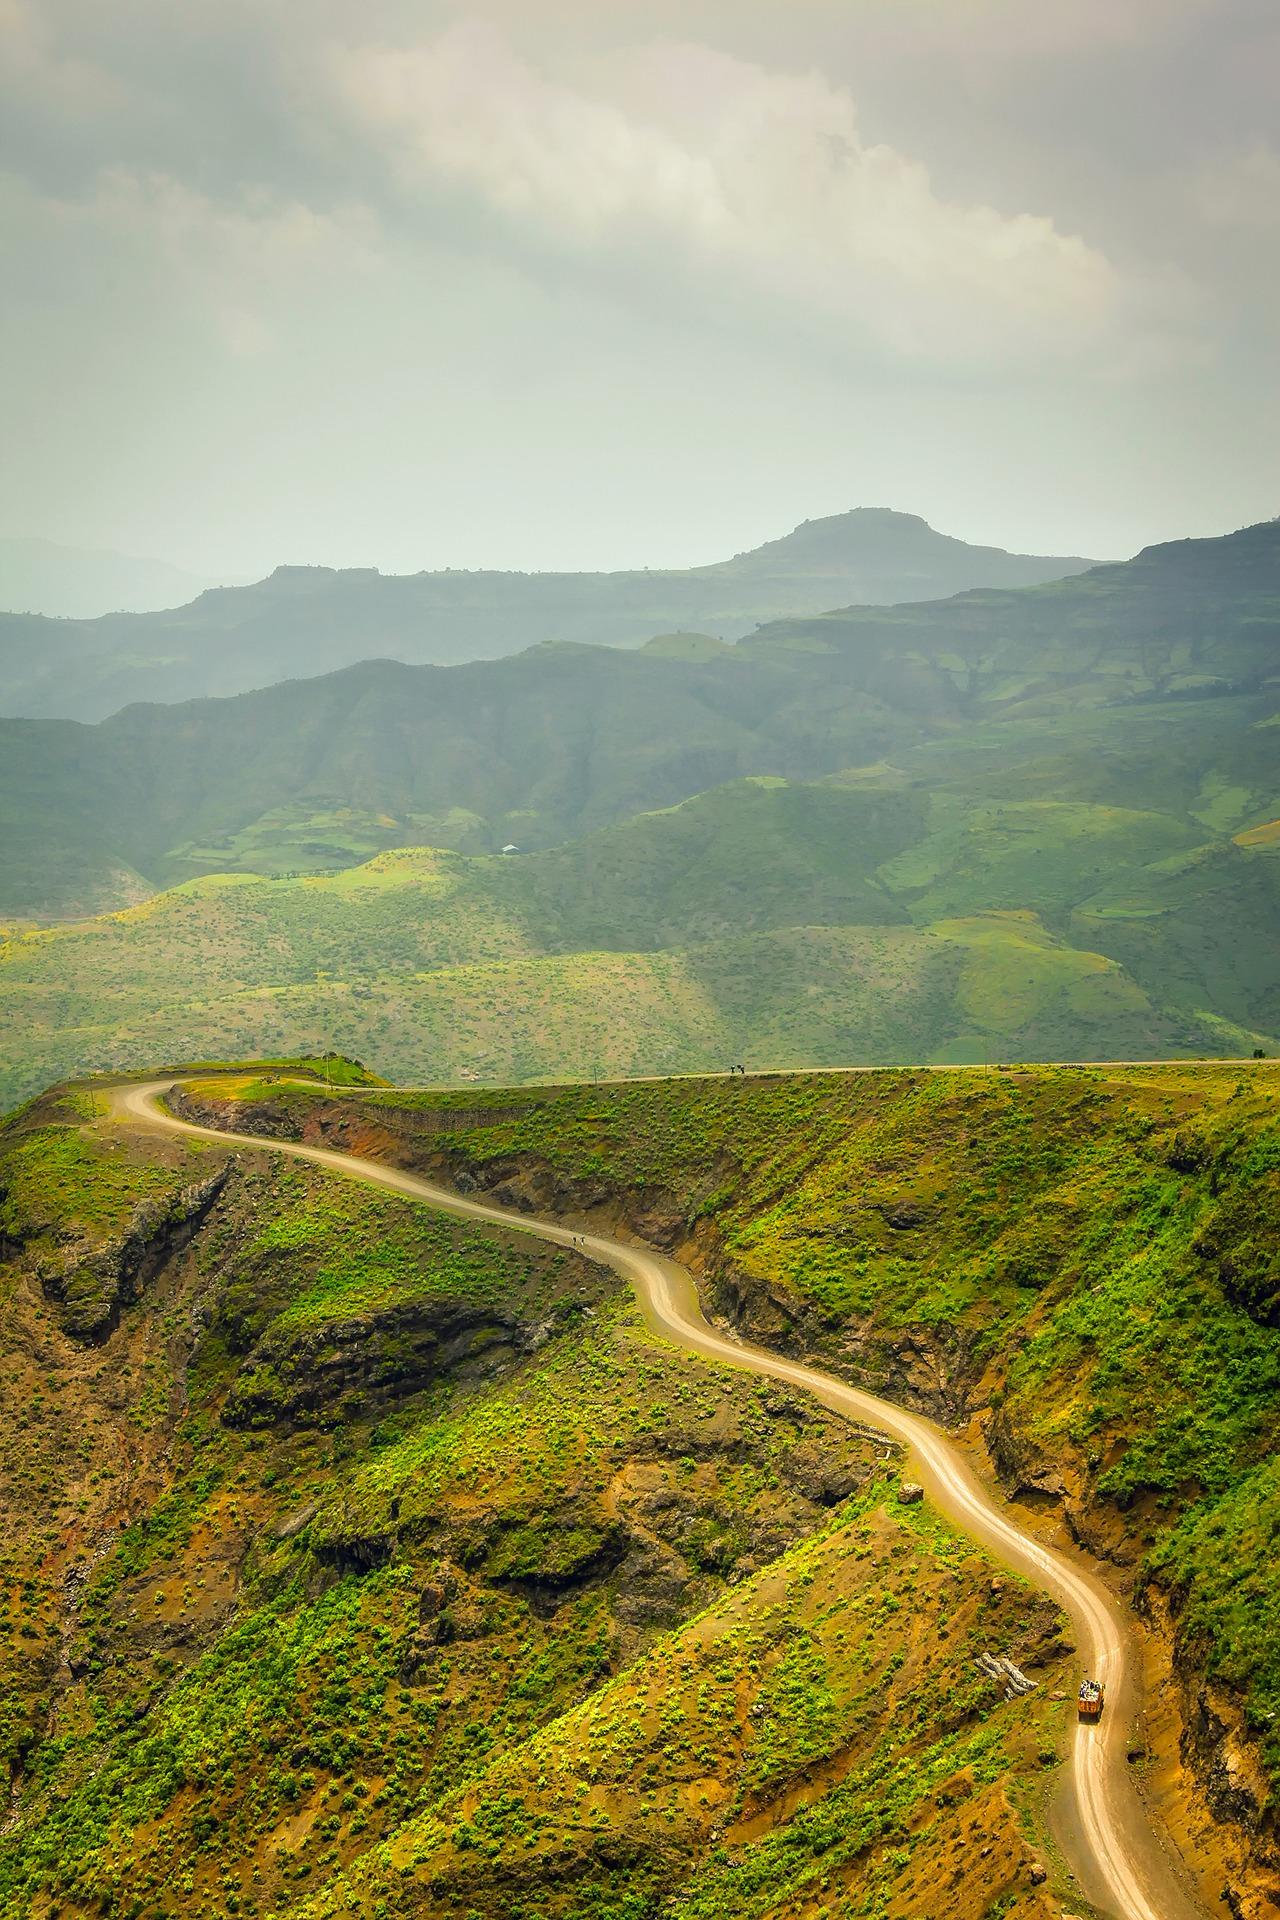 ethiopia-1960539_1920.jpg